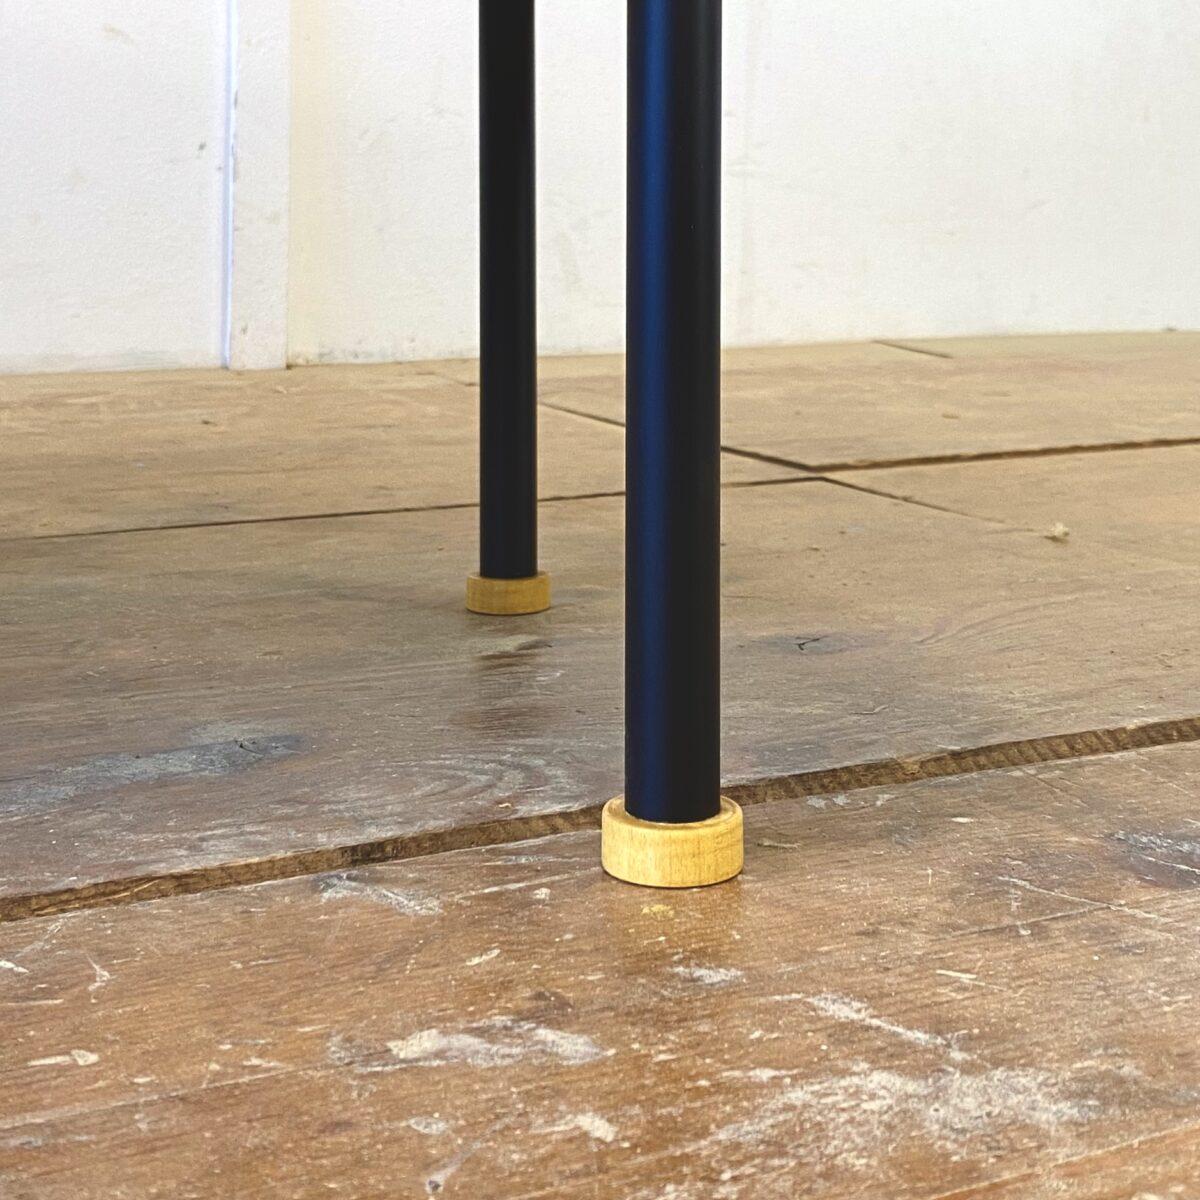 Deuxieme.shop swissdesign Kurt Thut Sideboard. Nussbaum Sideboard mit drei Schiebetüren und Metallbeinen. 150x46cm Höhe 68.5cm. Simples geradliniges Schweizer Design. Schiebetürgriffe und Standfüsse sind aus Ahornholz. Auf dem Deckblatt hat es etwas farbliche Unterschiede, die Rückseite der Kommode ist auch als Sichtseite verarbeitet. Das Möbel könnte als Raumteiler eingesetzt werden.